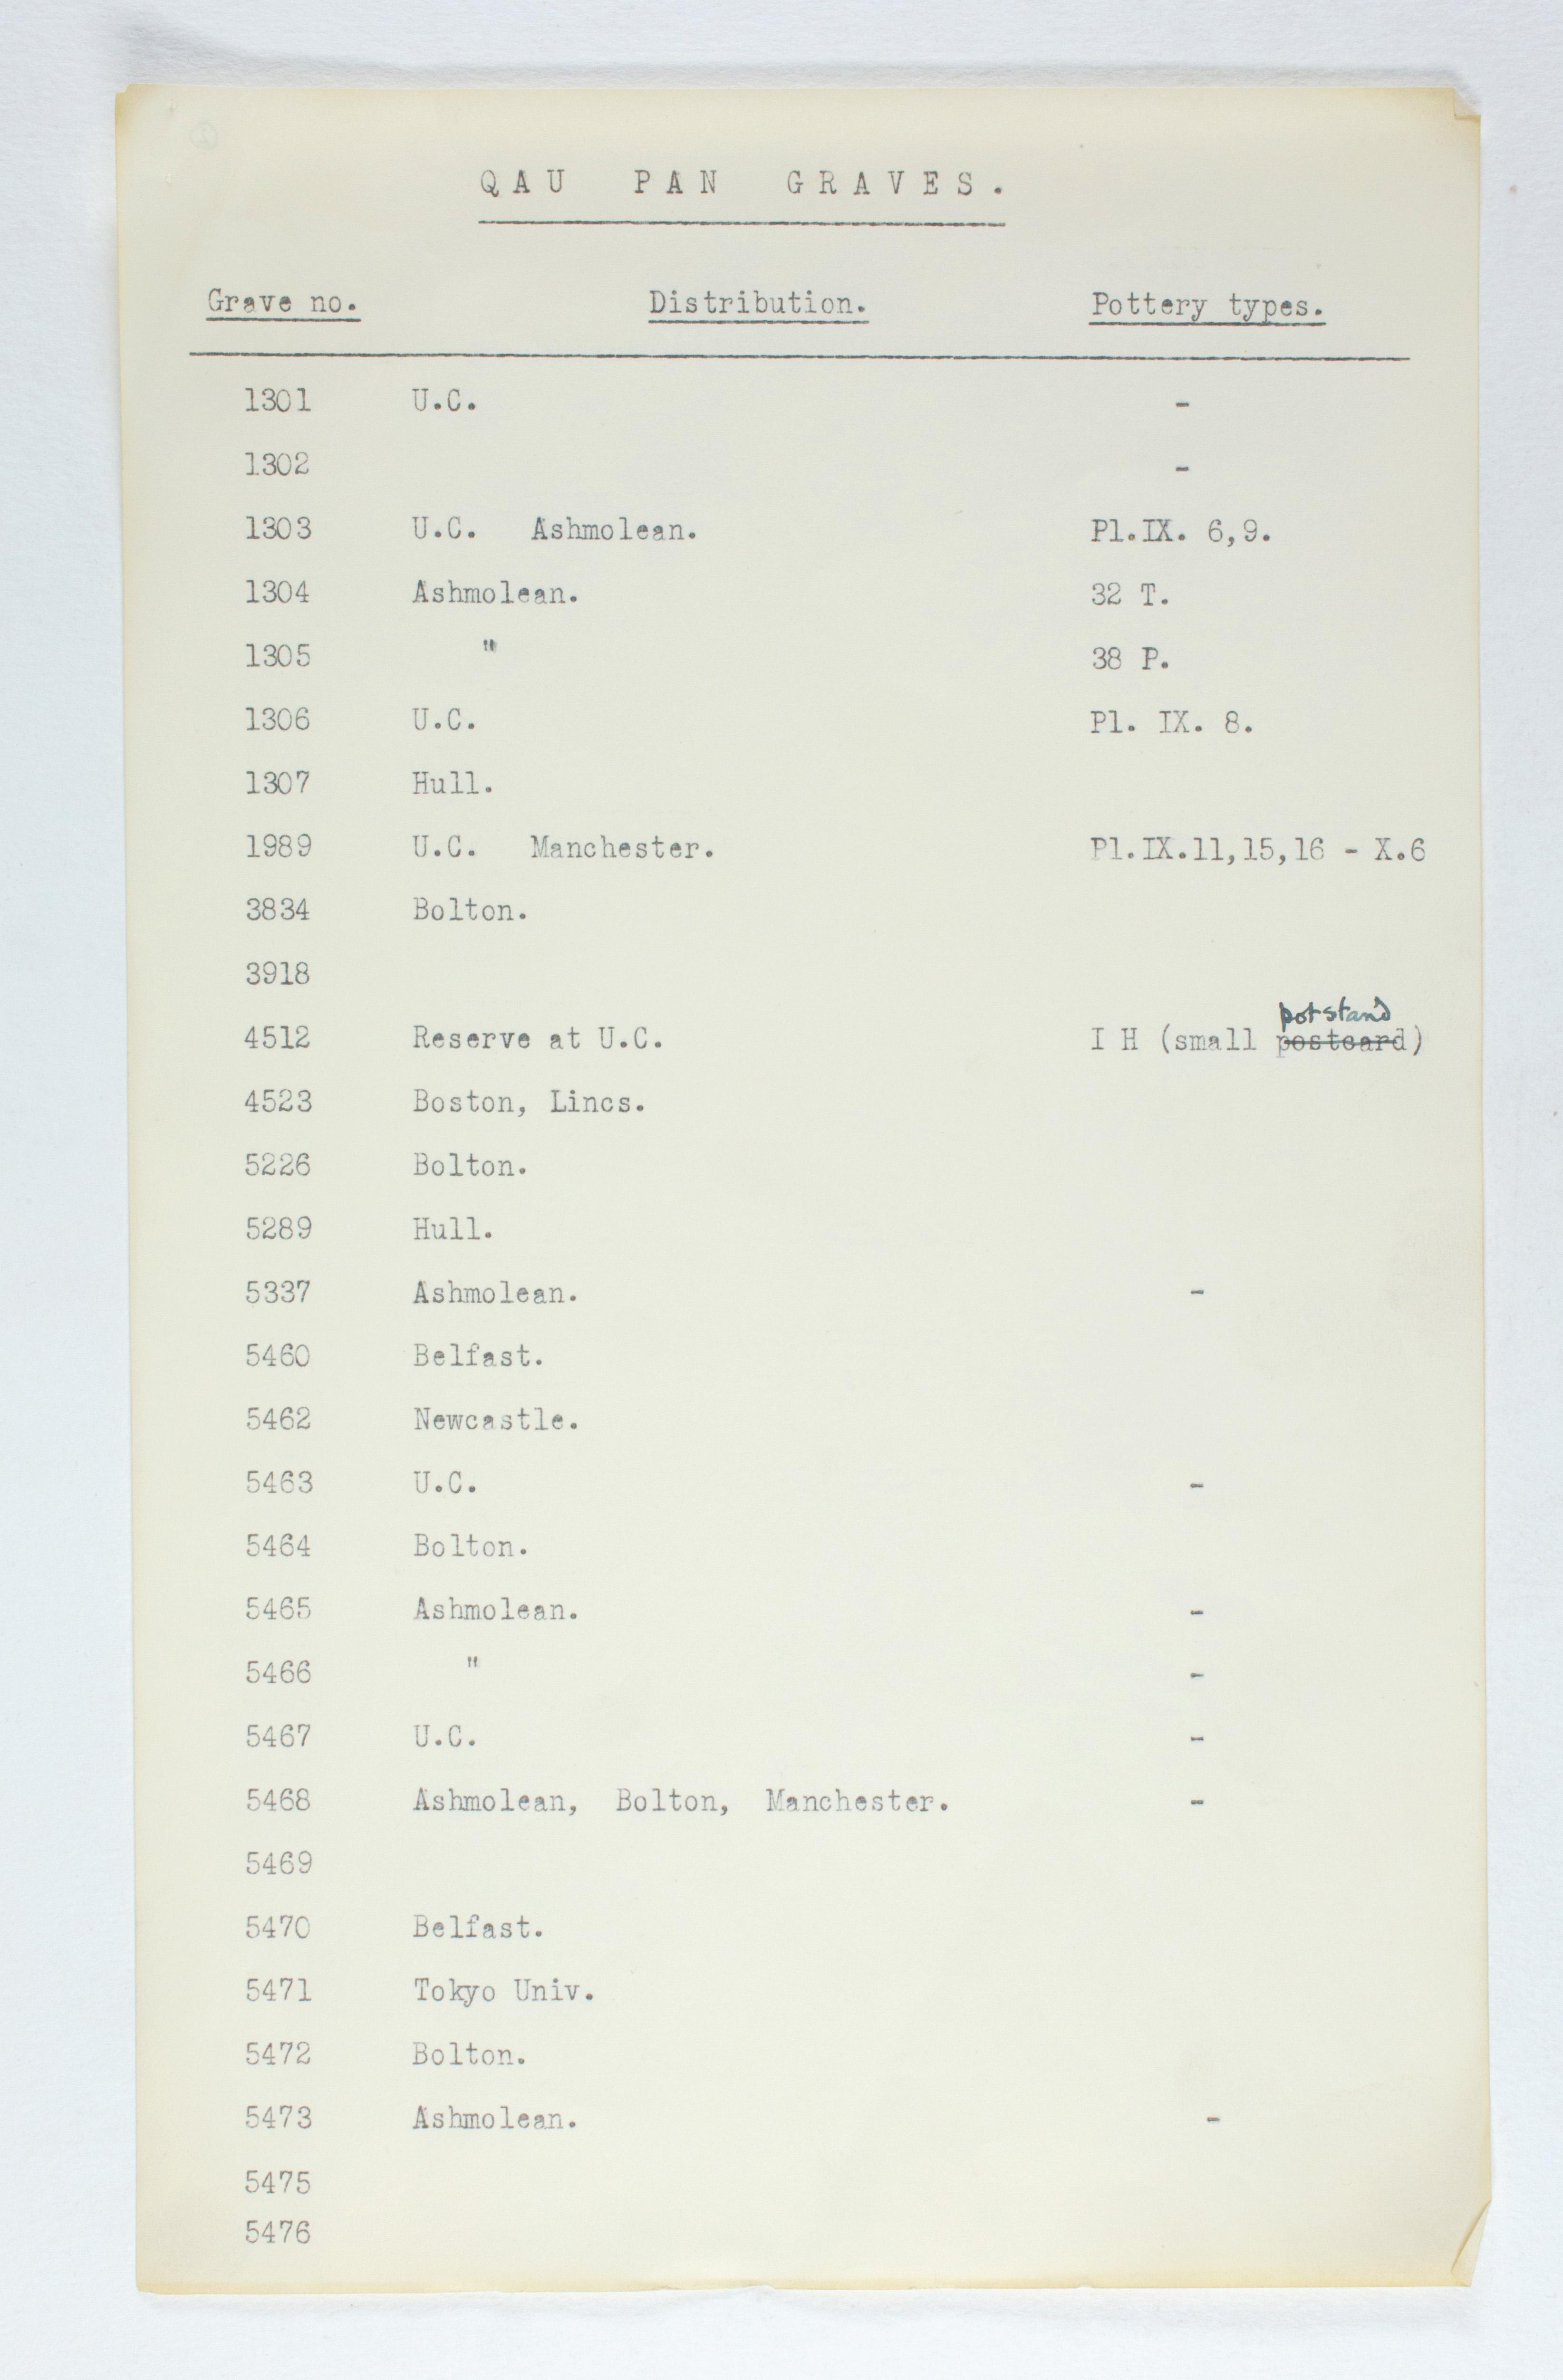 1929-30 Qau el-Kebir, Mostagedda Multiple institution list PMA/WFP1/D/31/2.2